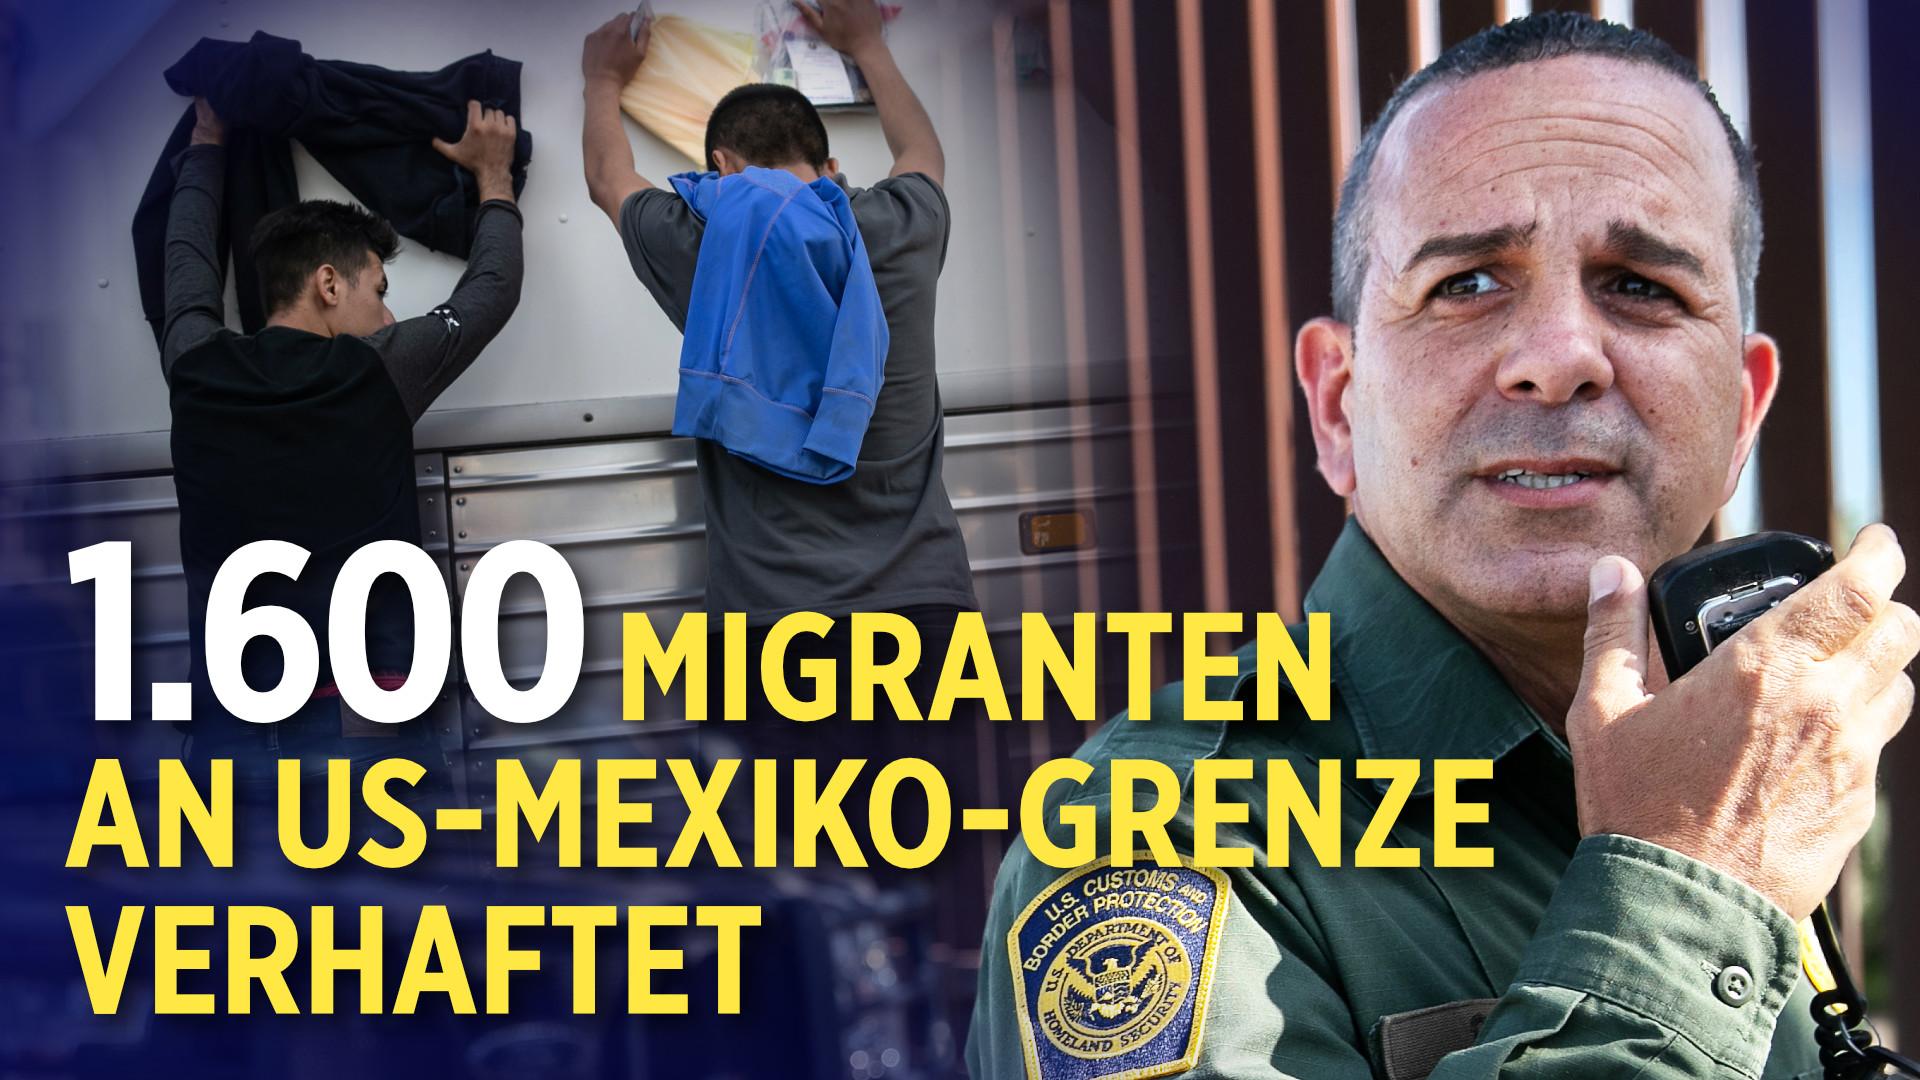 YouTube sperrt Konto nach Übertragung von Trump-Rede | 1.600 Migranten an US-Mexiko-Grenze verhaftet